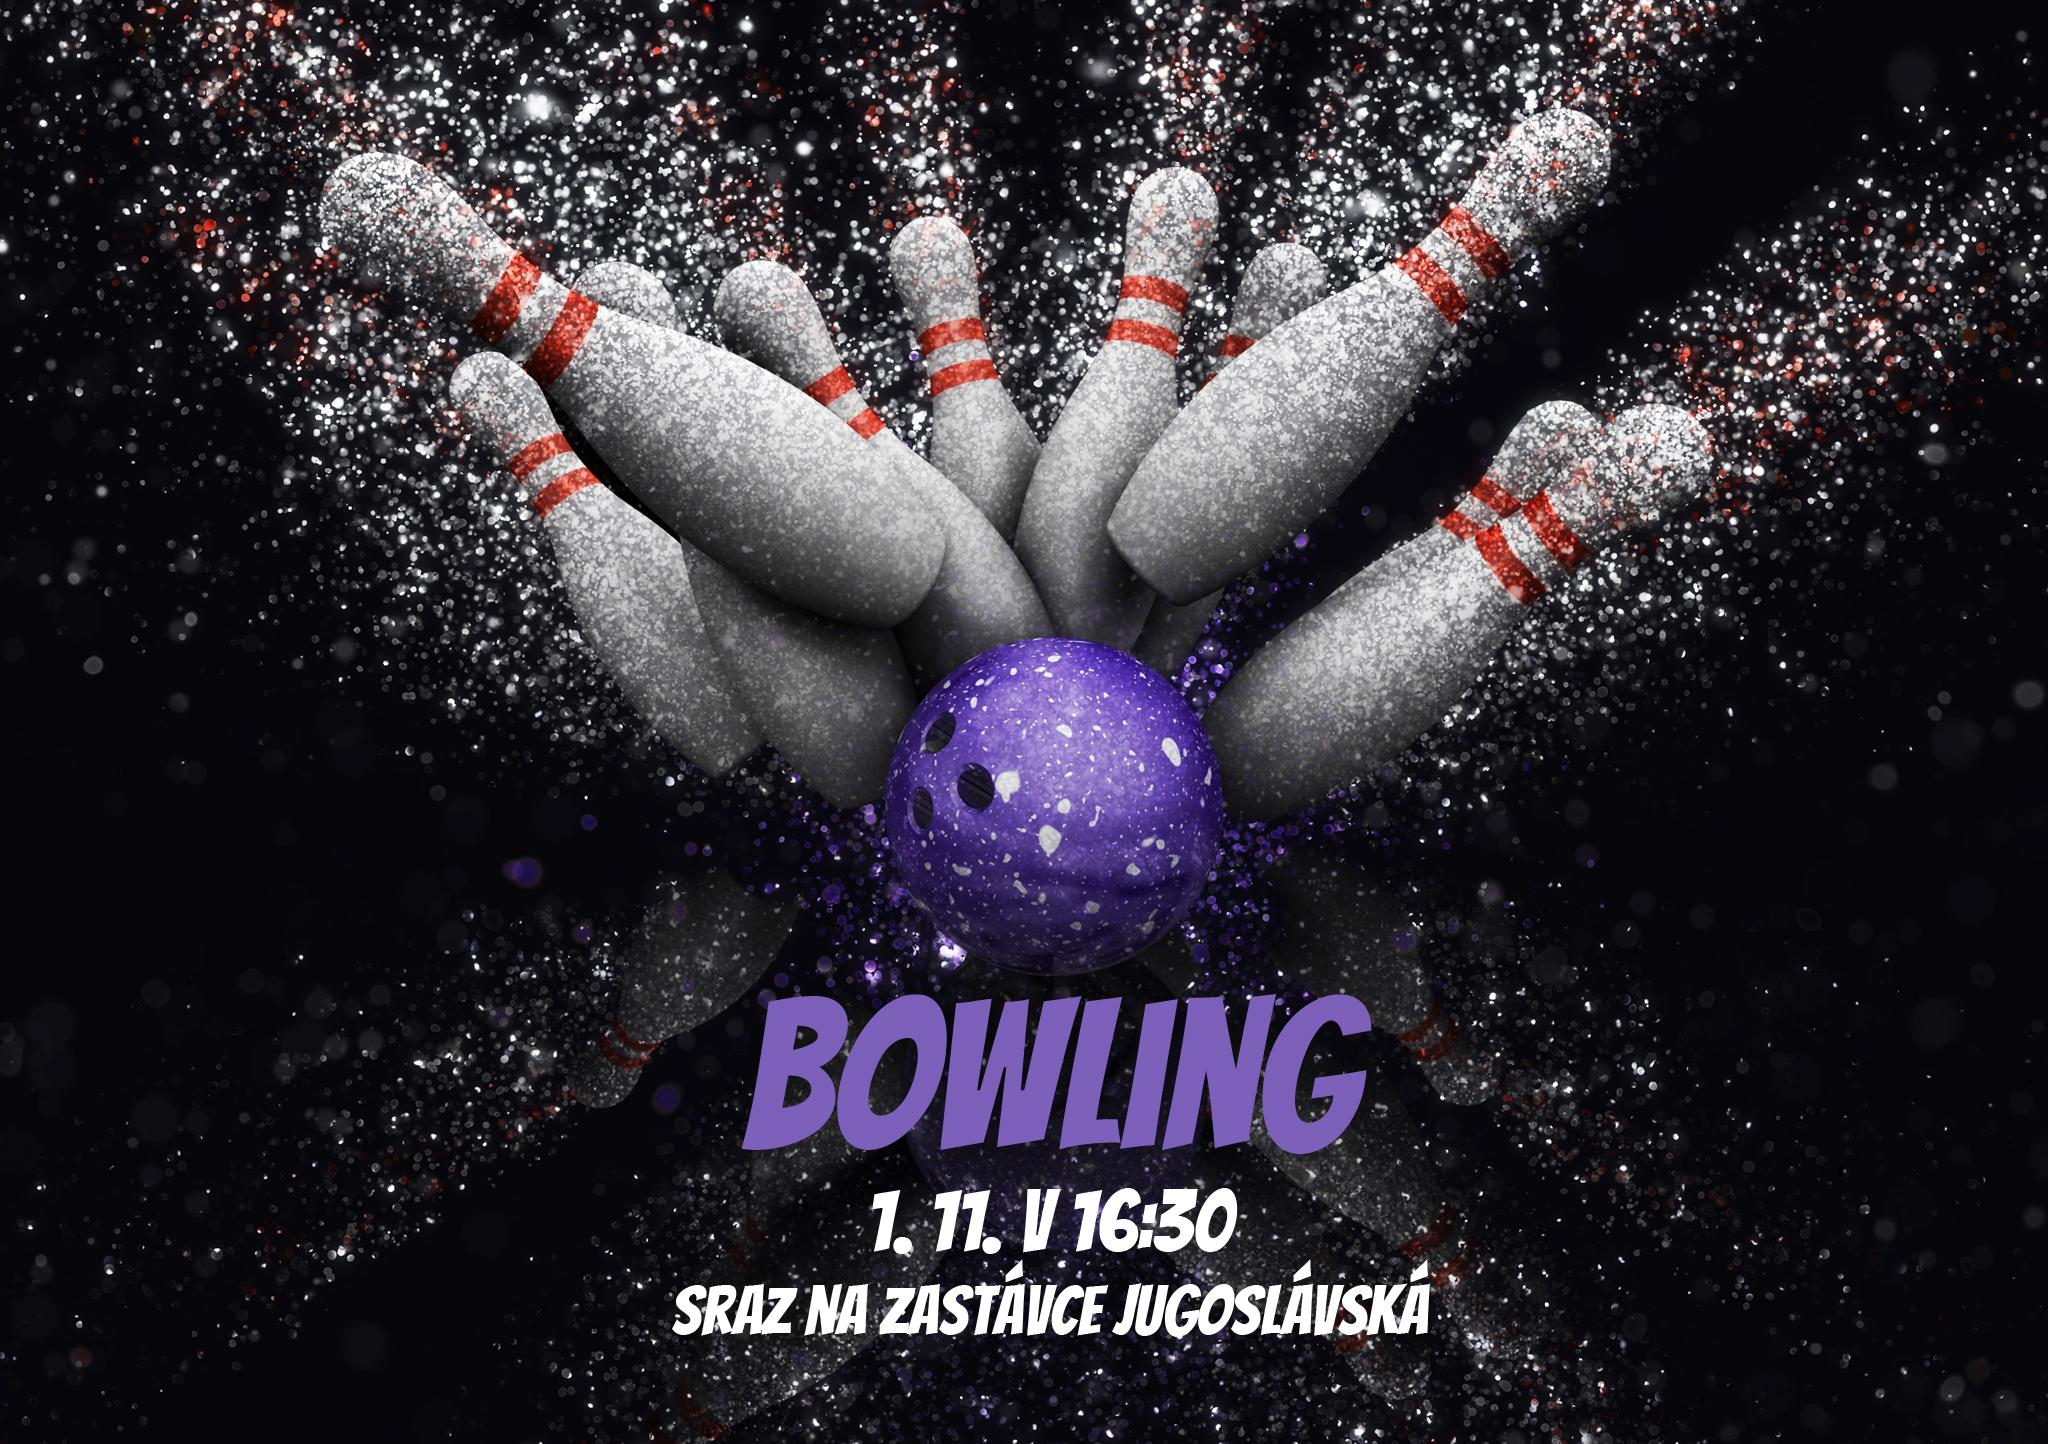 Bowling_pozvanka.jpg